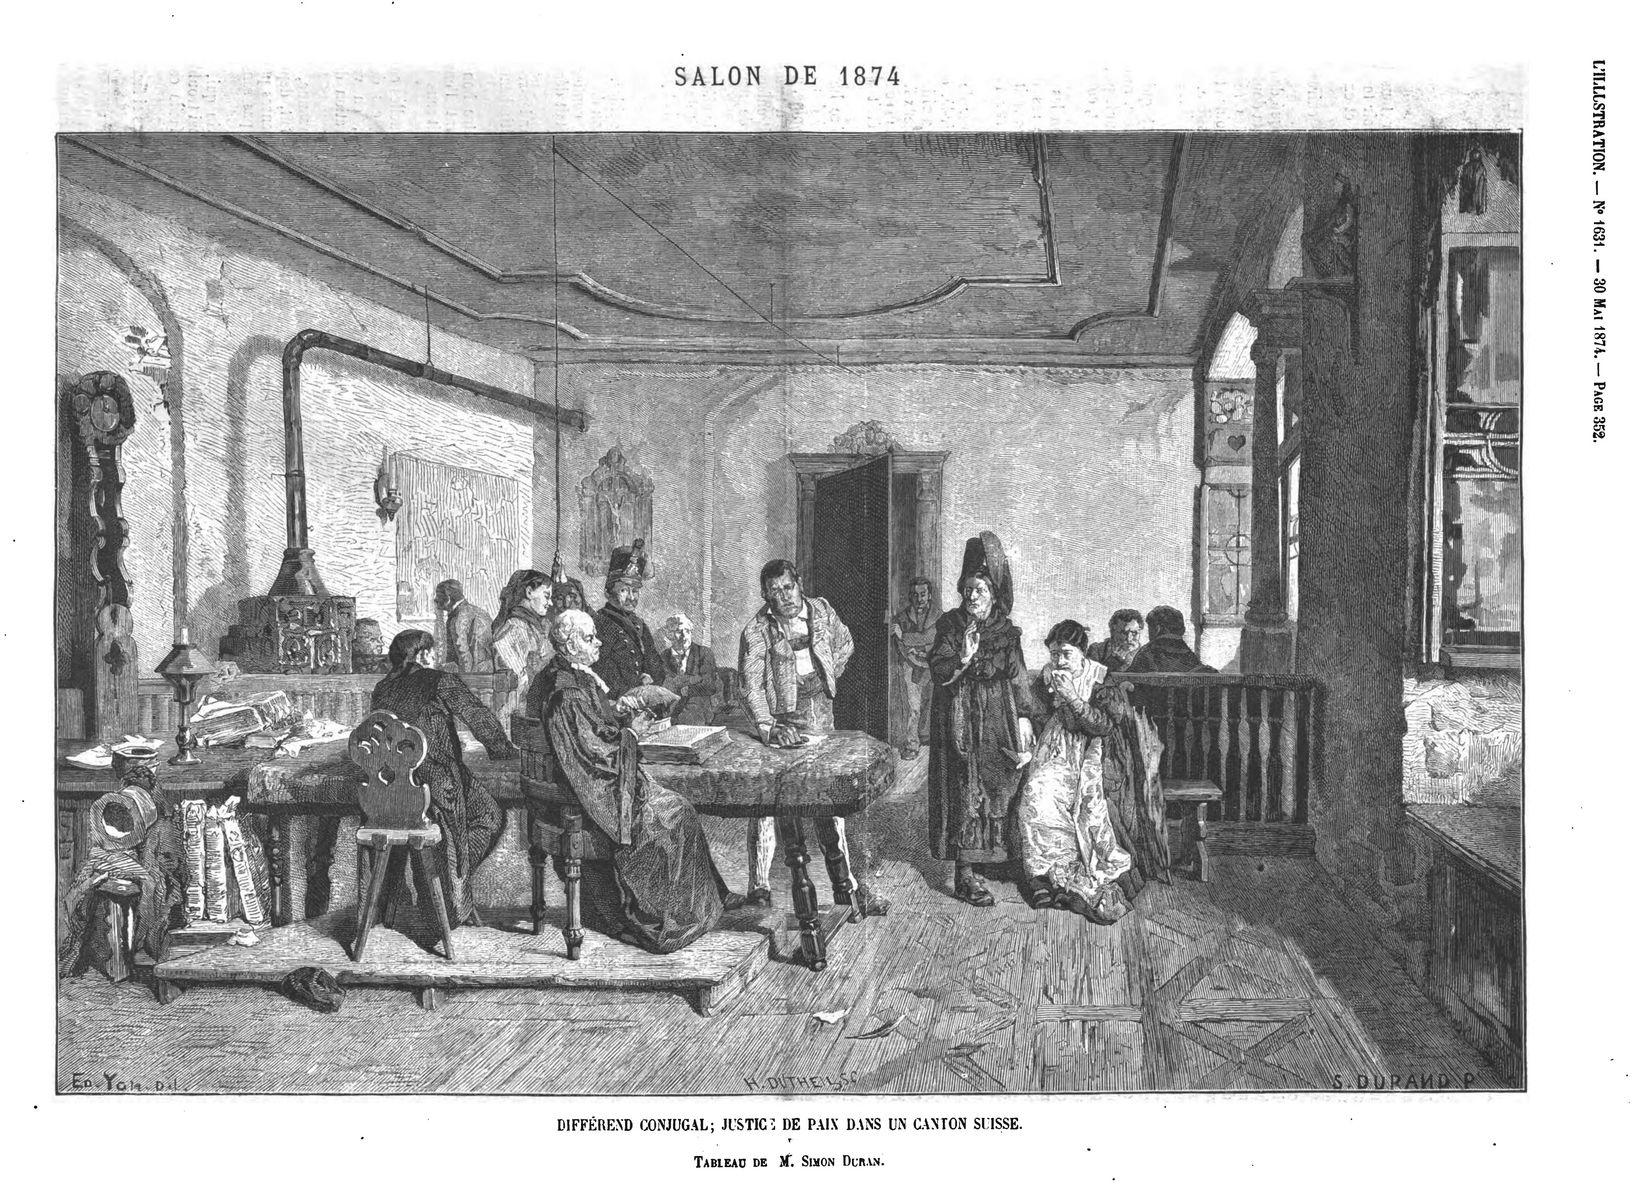 Salon de 1871 : diférend conjugal: justice de paie dans un canton suisse, tableau de M. Simon jturan; (gravure 1874)